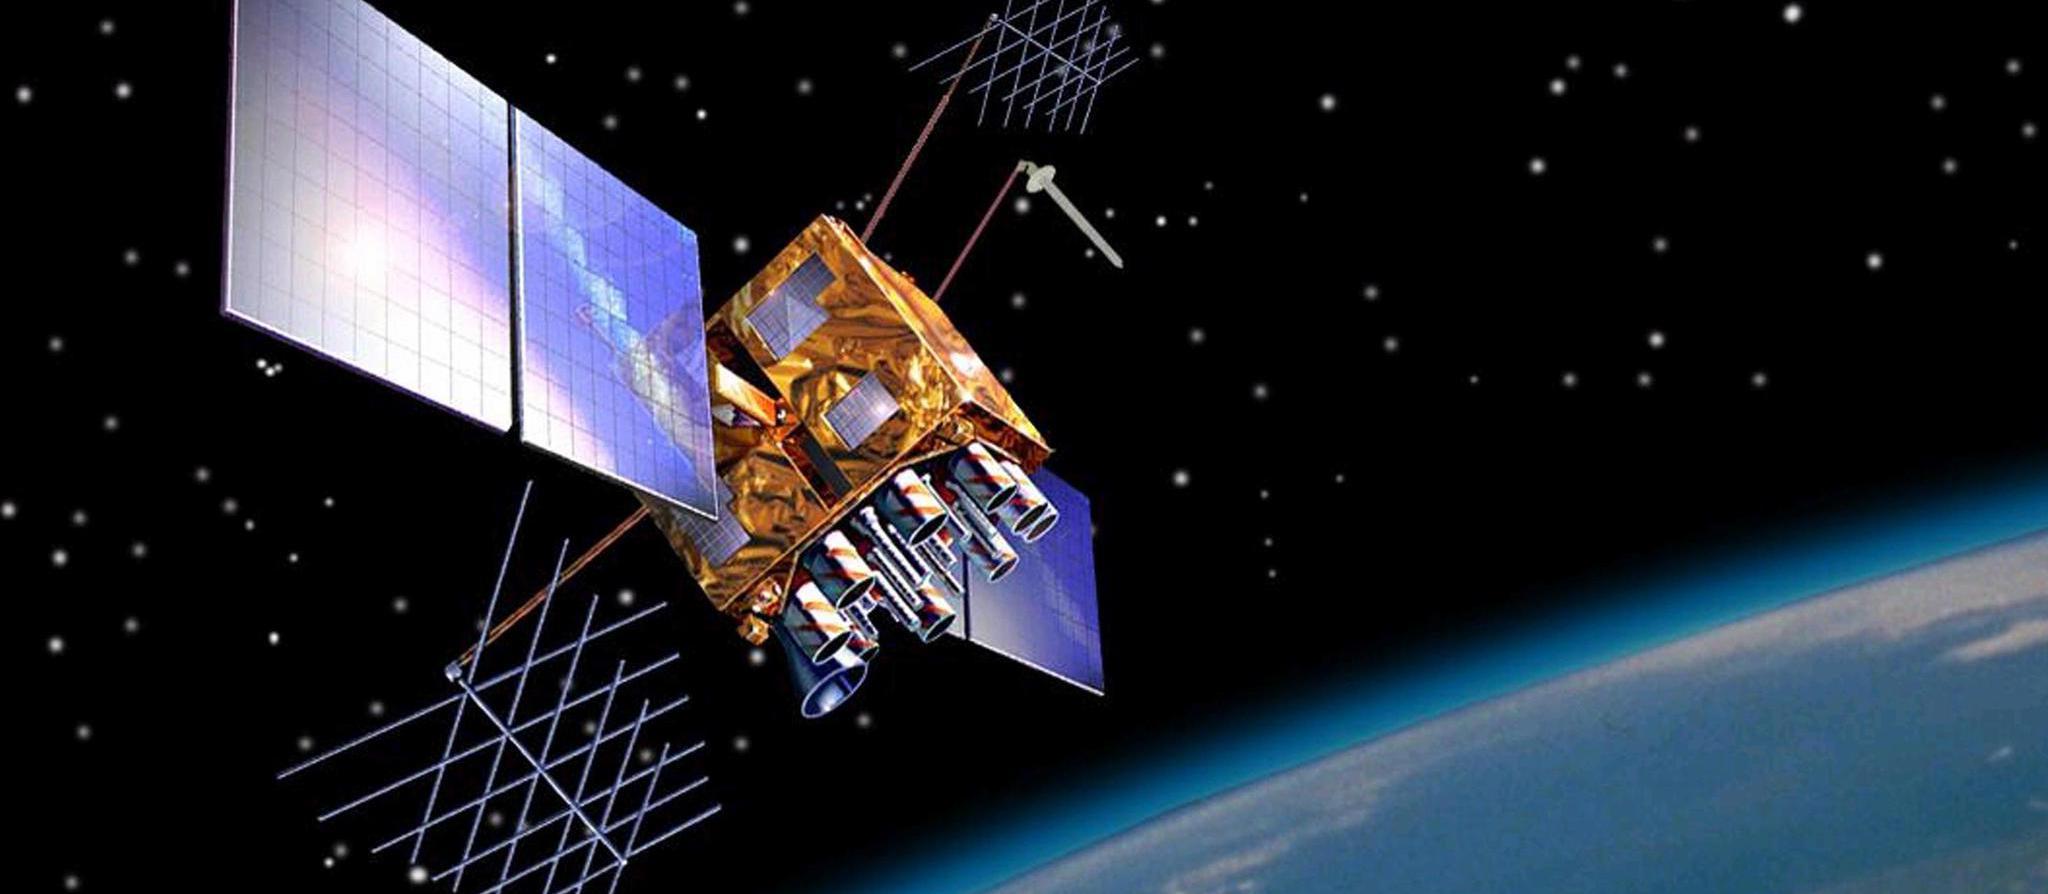 北斗卫星将会取代gps,美国最担心的还是发生